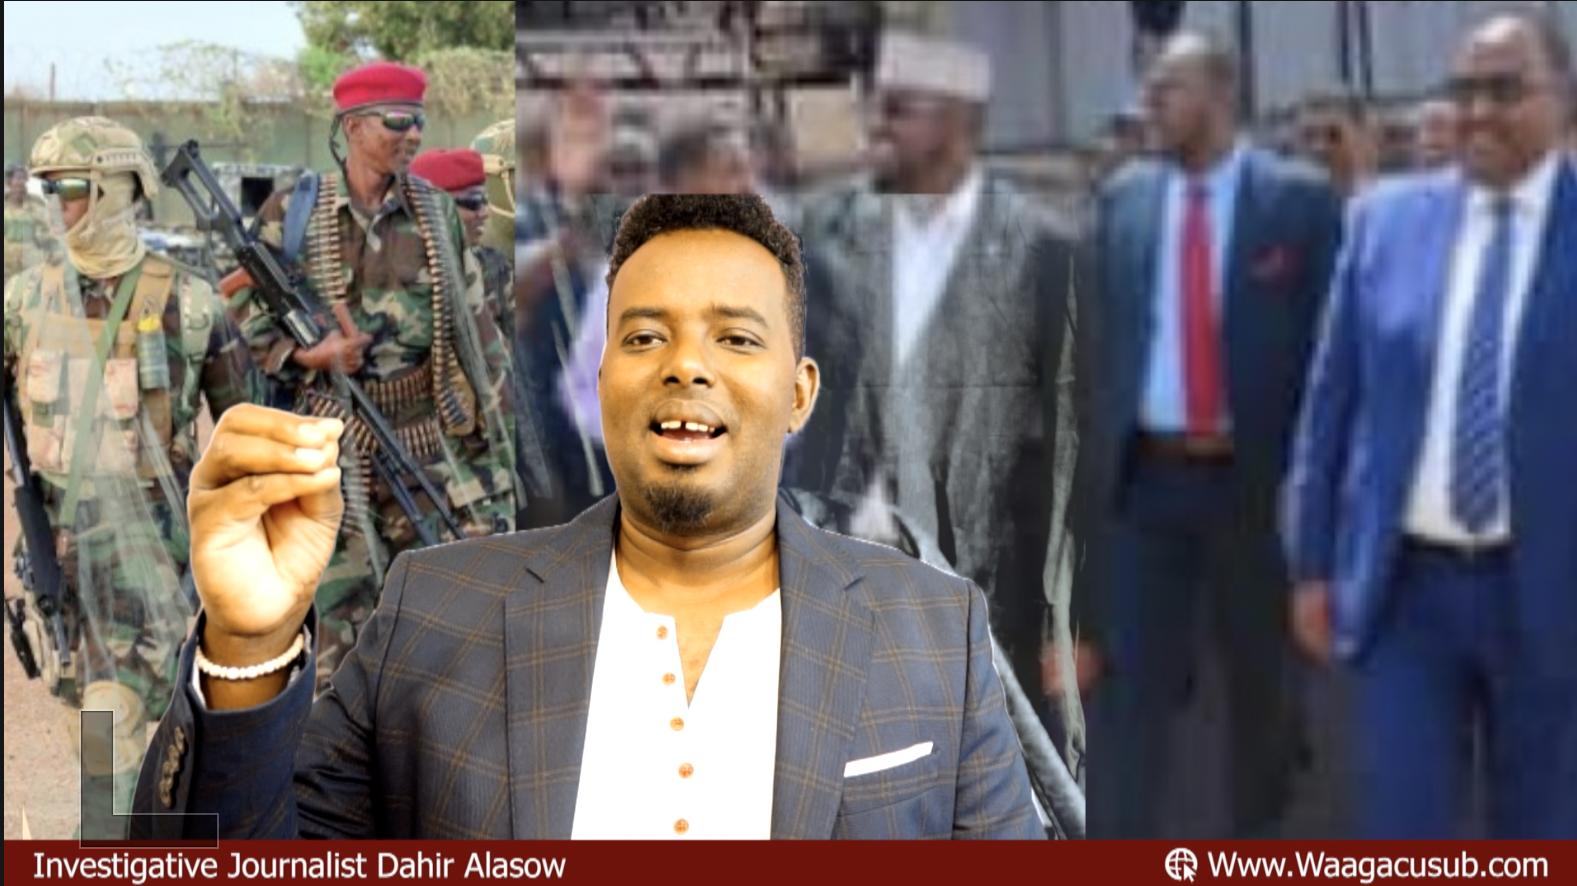 [Daawo] ceebta ku dhacday Madaxdii Hawiye iyo kuwii Daarood oo Muqdisho loo xiray